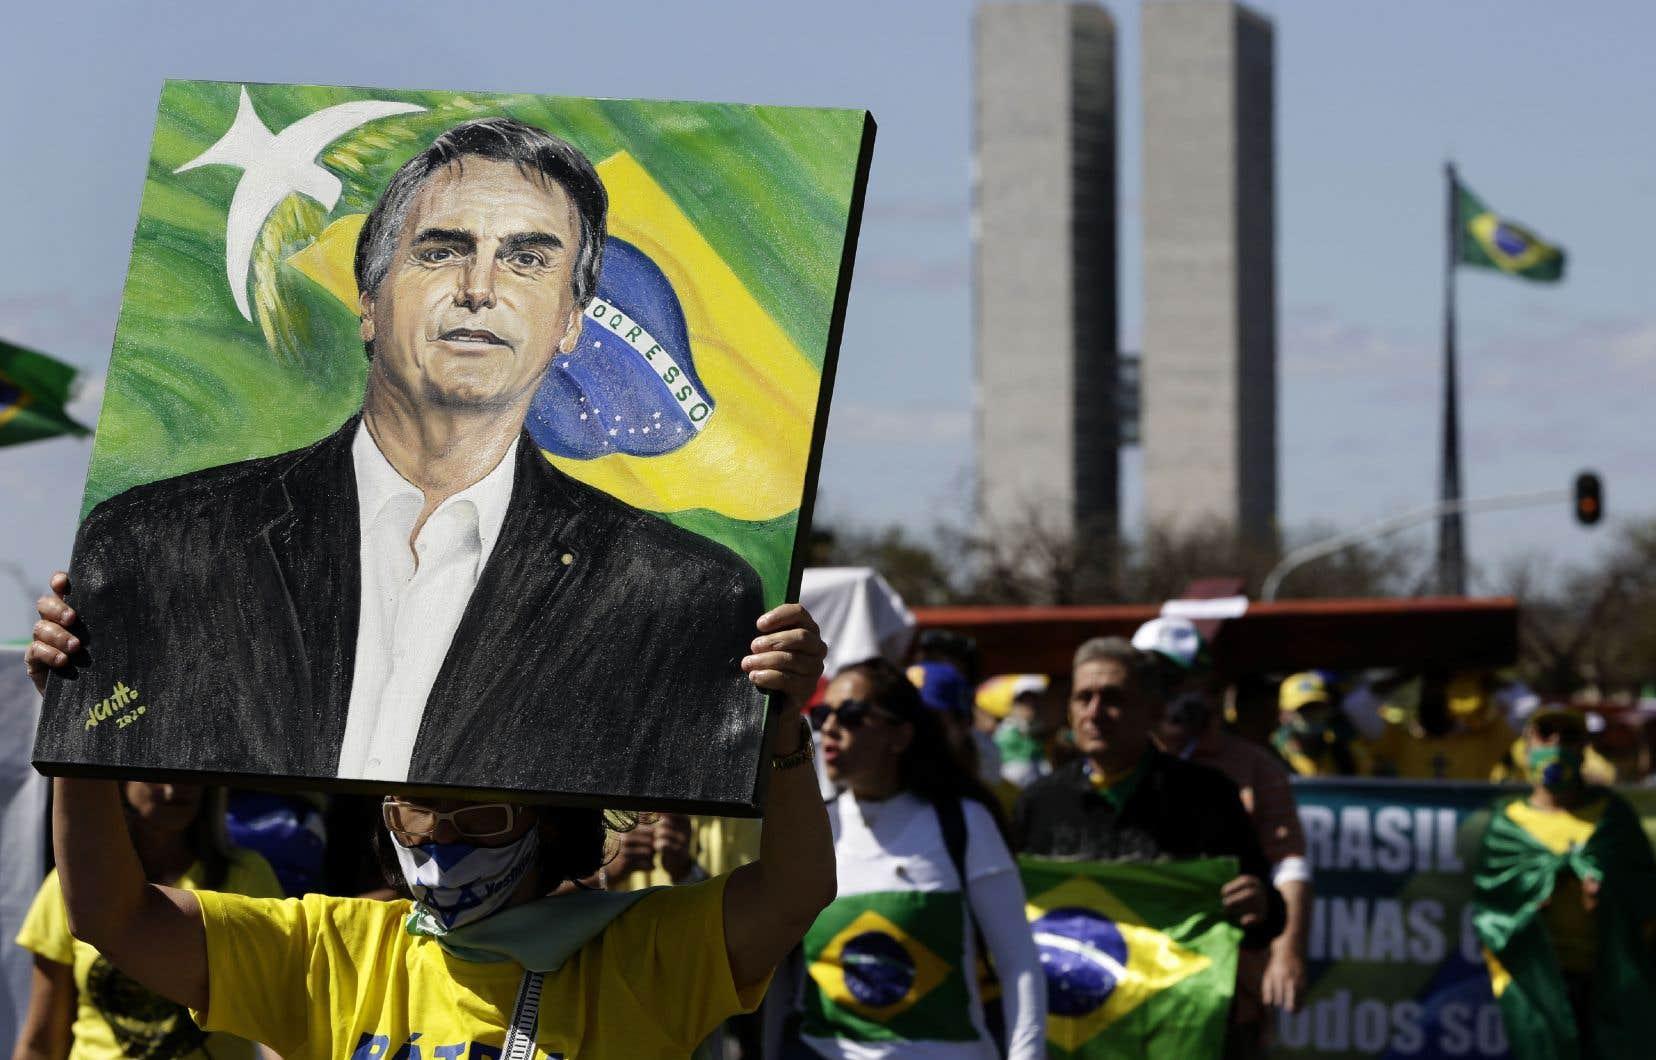 Vêtus aux couleurs du drapeau brésilien, les manifestants ont défilé dans le centre de la capitale, arborant des symboles patriotiques, des croix et des portraits du président.